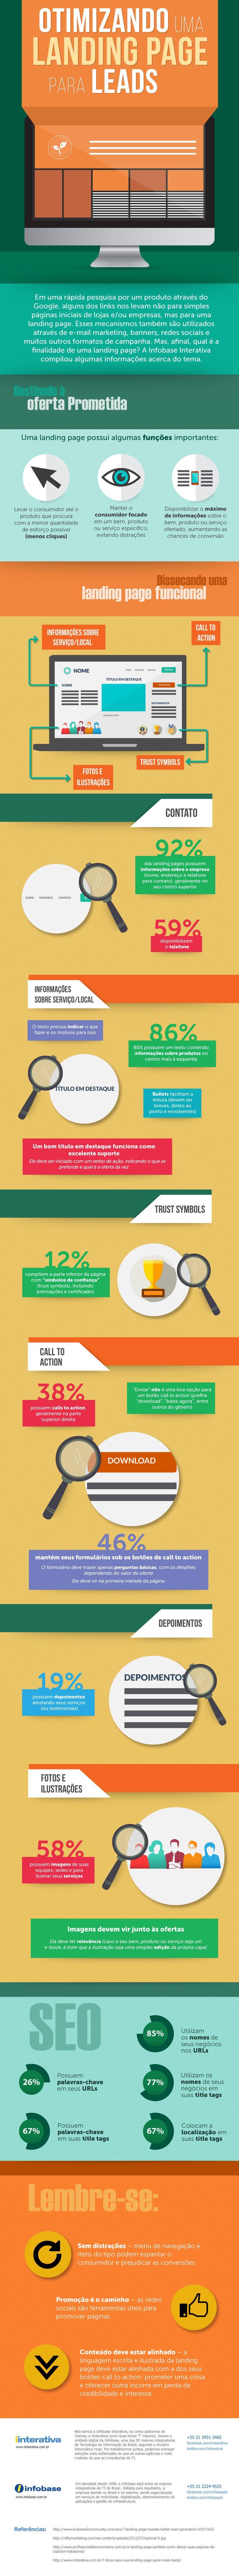 Infográfico: descubra como como otimizar uma landing page para conquistar leads